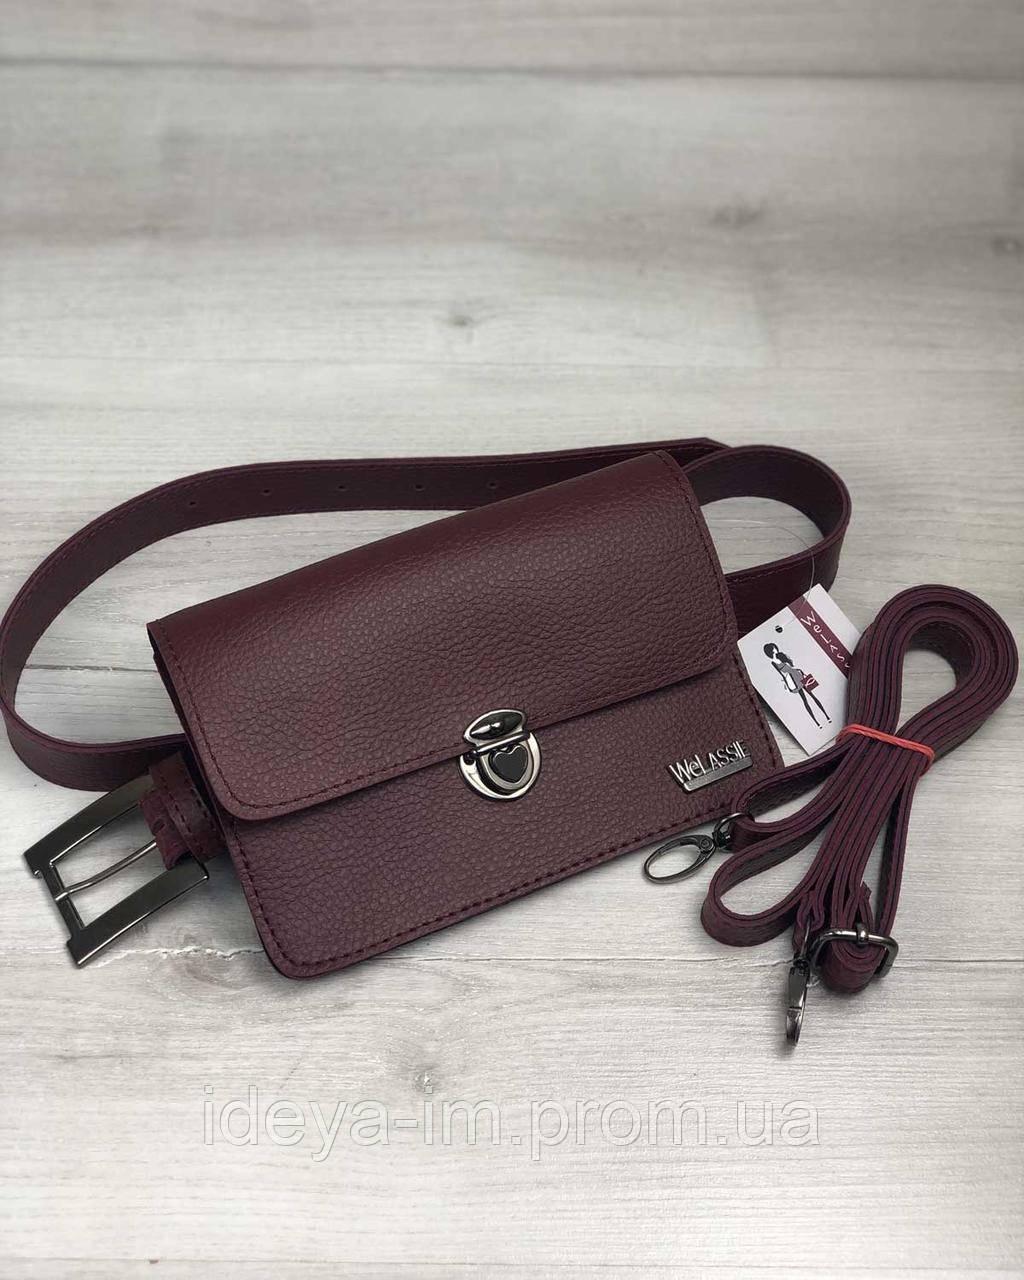 e1cff4d01d9a Женская сумка на пояс- клатч Арья бордового цвета - Интернет-магазин